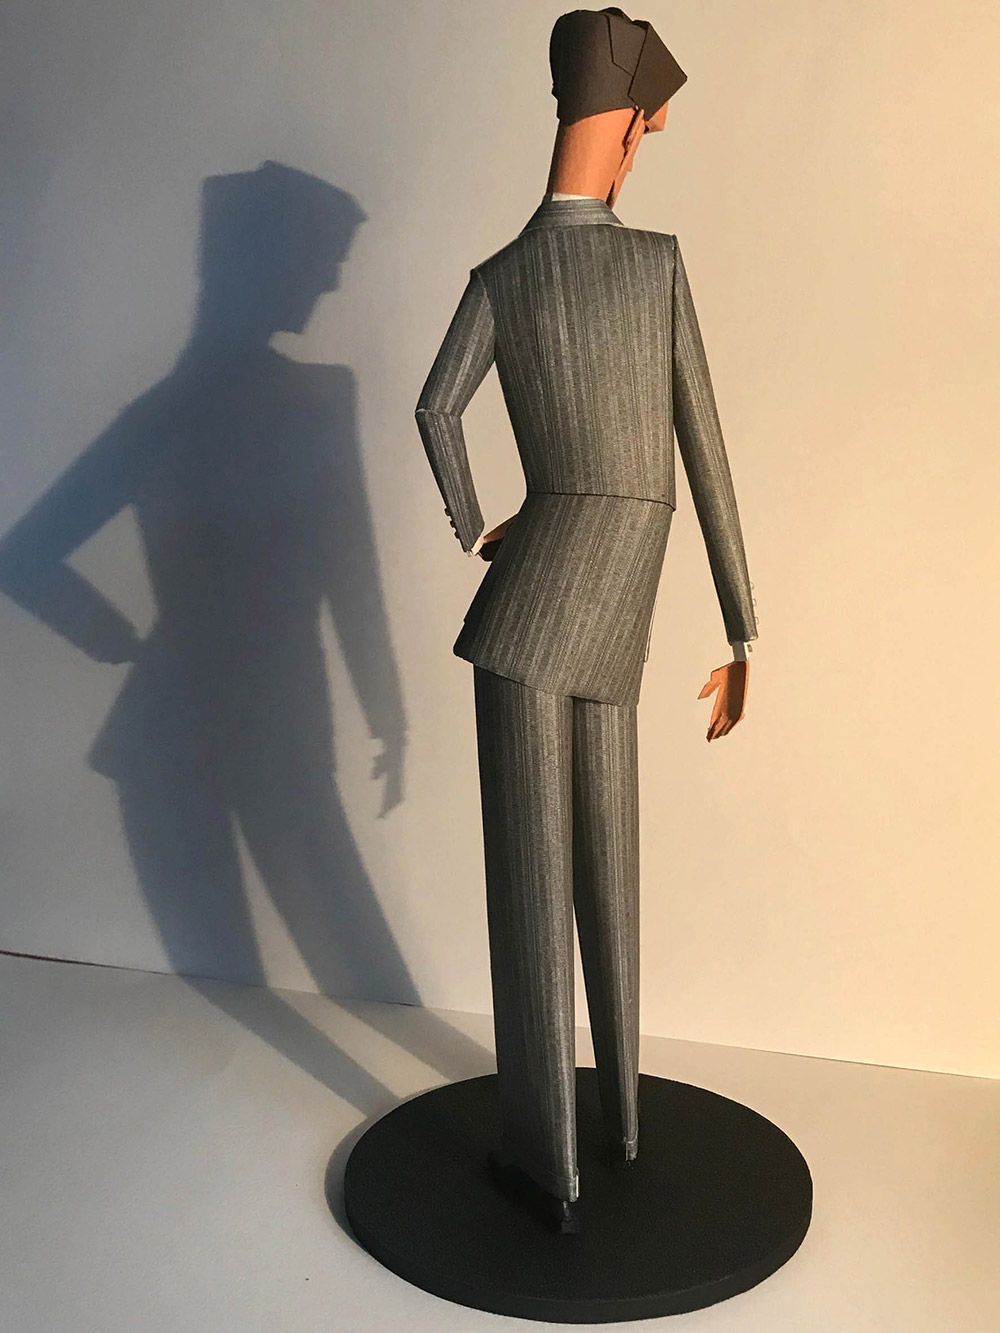 8-saint-aubin-Elegant-au-costume-gris-2-galerie-bettina-art-contemporain-paris